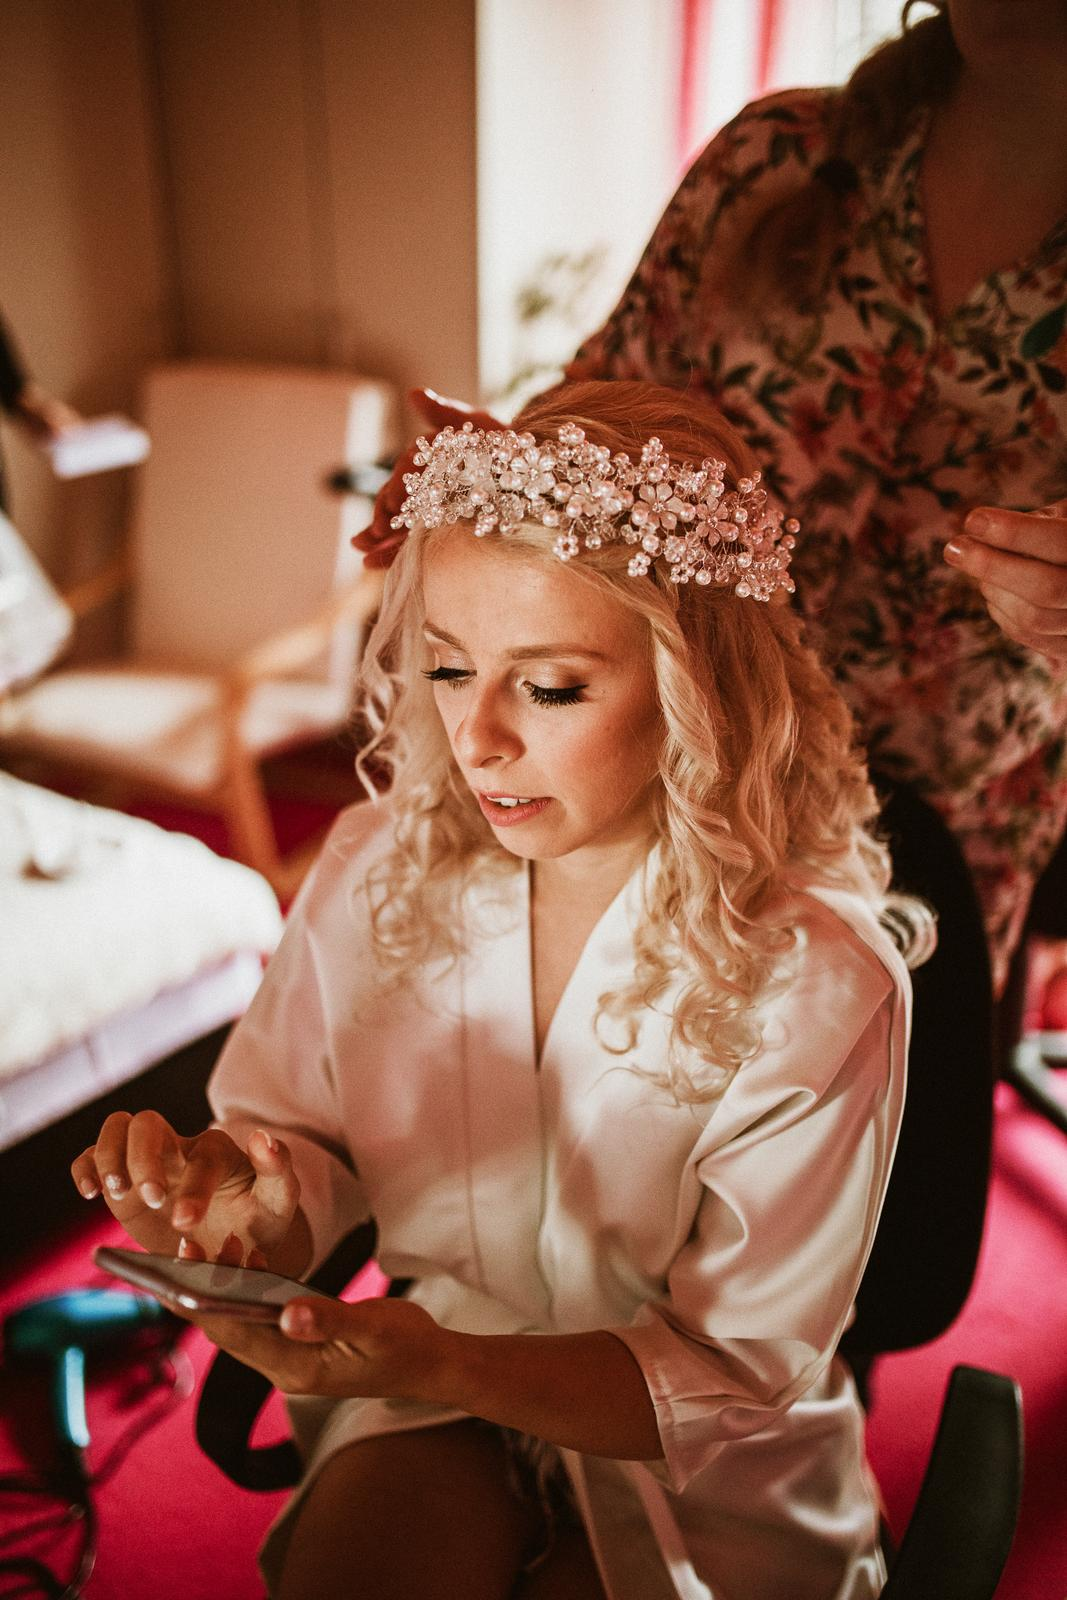 NÁŠ deň - Veve{{_AND_}}Lučko ♥ - Manažovať bolo nutné aj v deň svadby :D